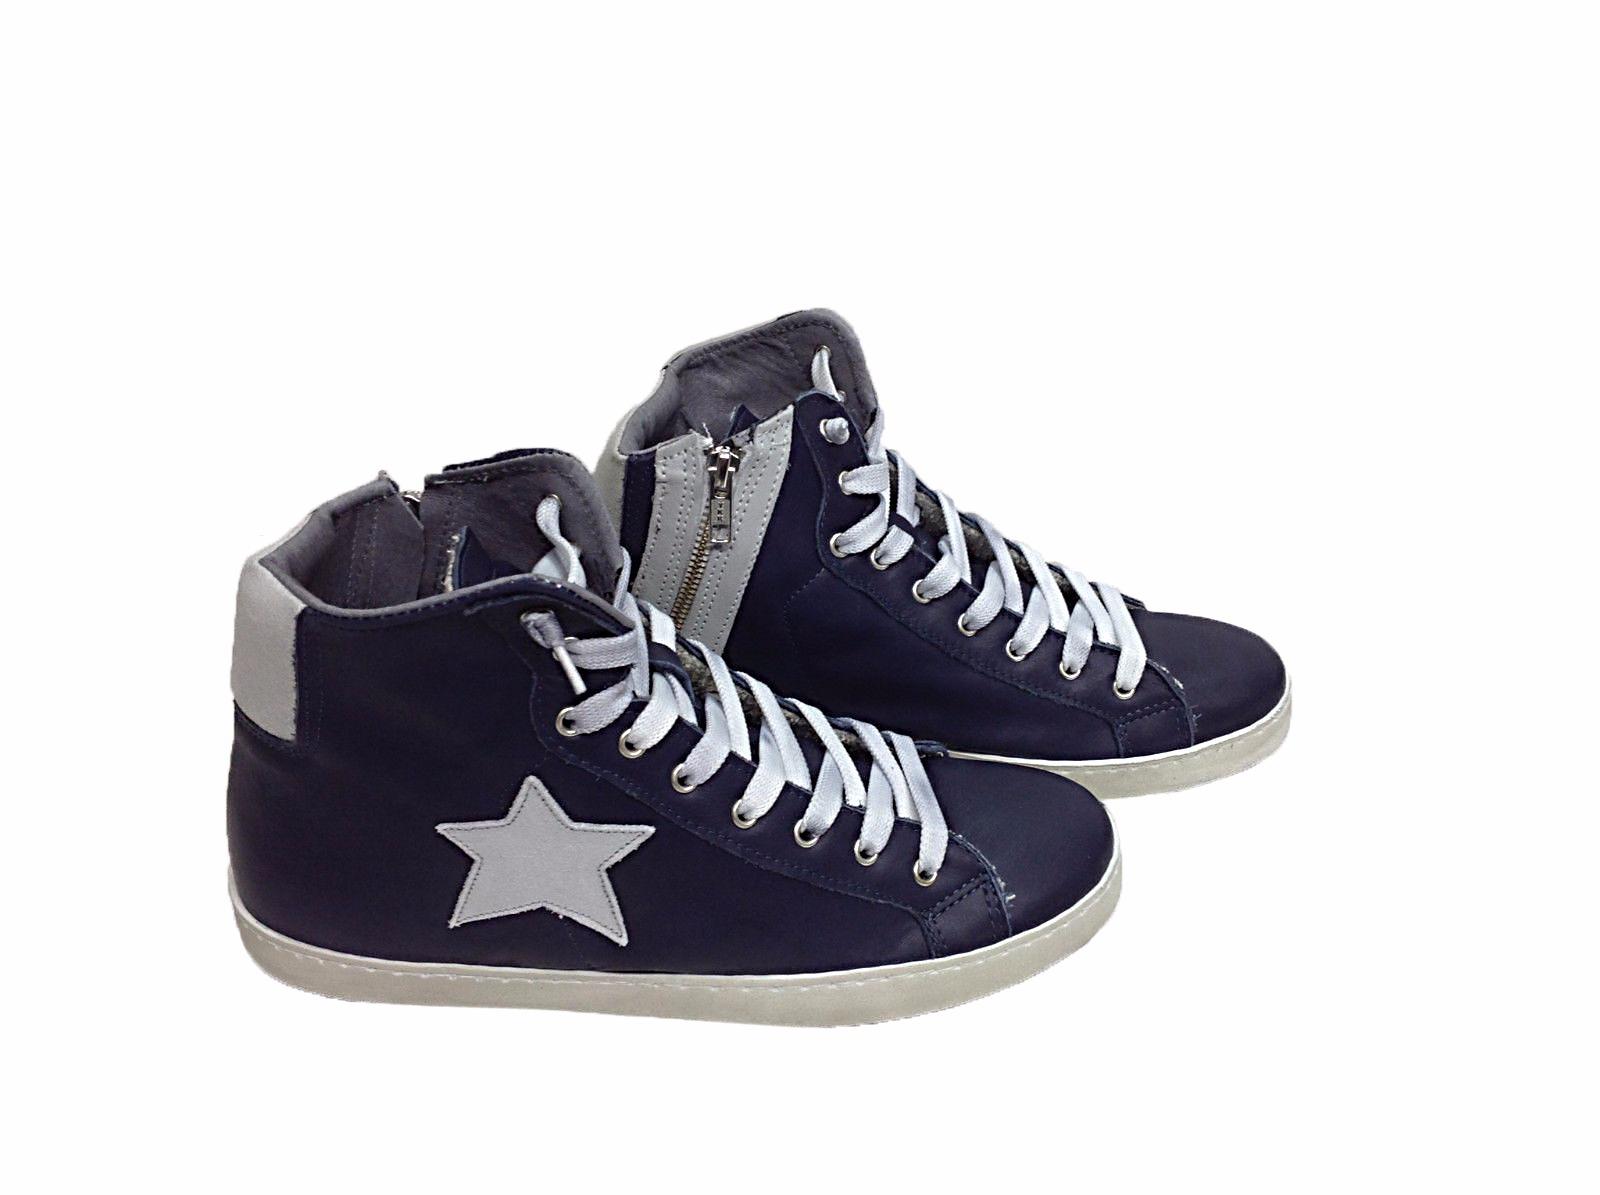 Dettagli su scarpe sneakers alte uomo Via Condotti pelle blu stella ghiaccio made in italy